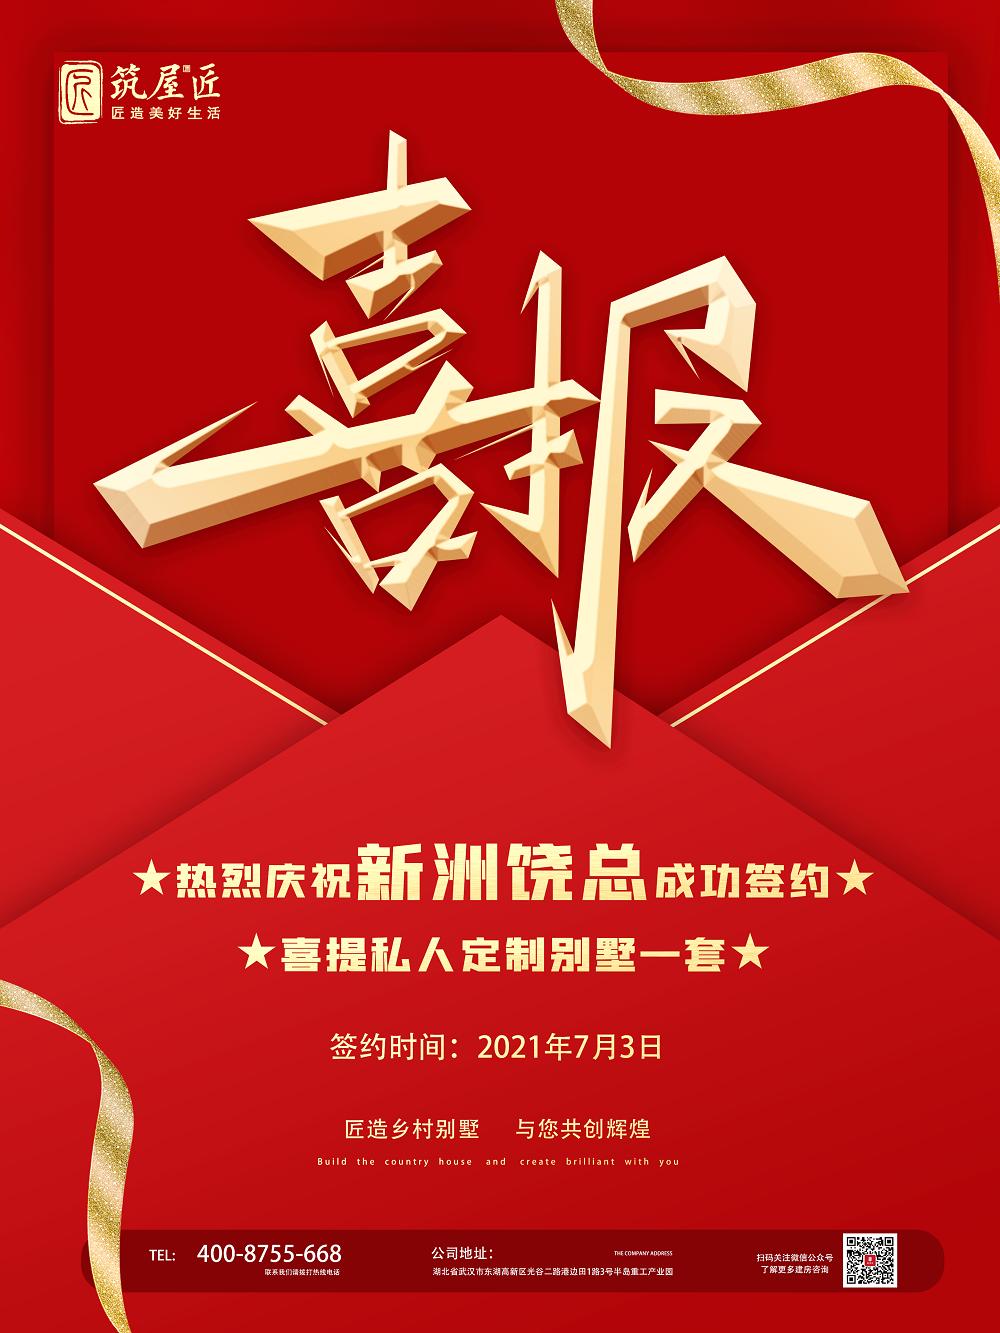 筑屋匠祝贺武汉市新洲区饶总喜提别墅1套!